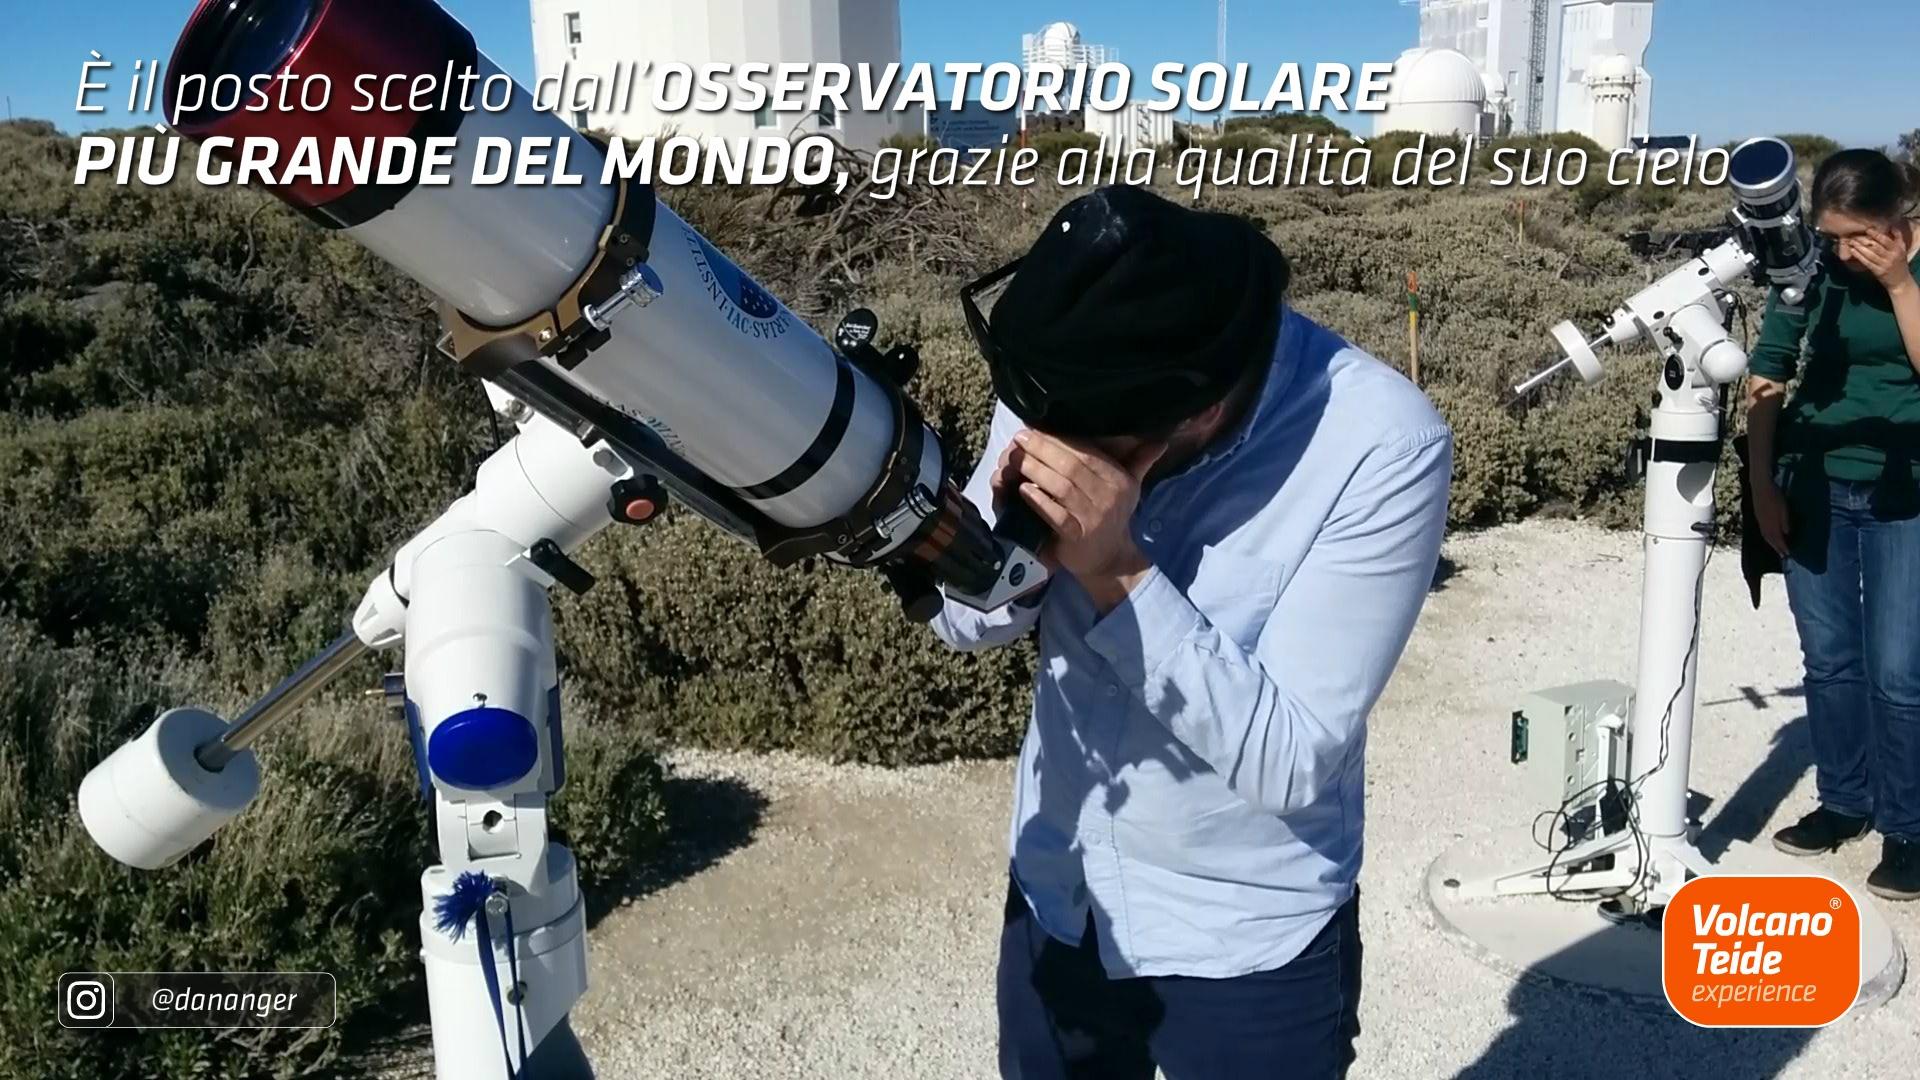 Come si può visitare l'Osservatorio del Teide?